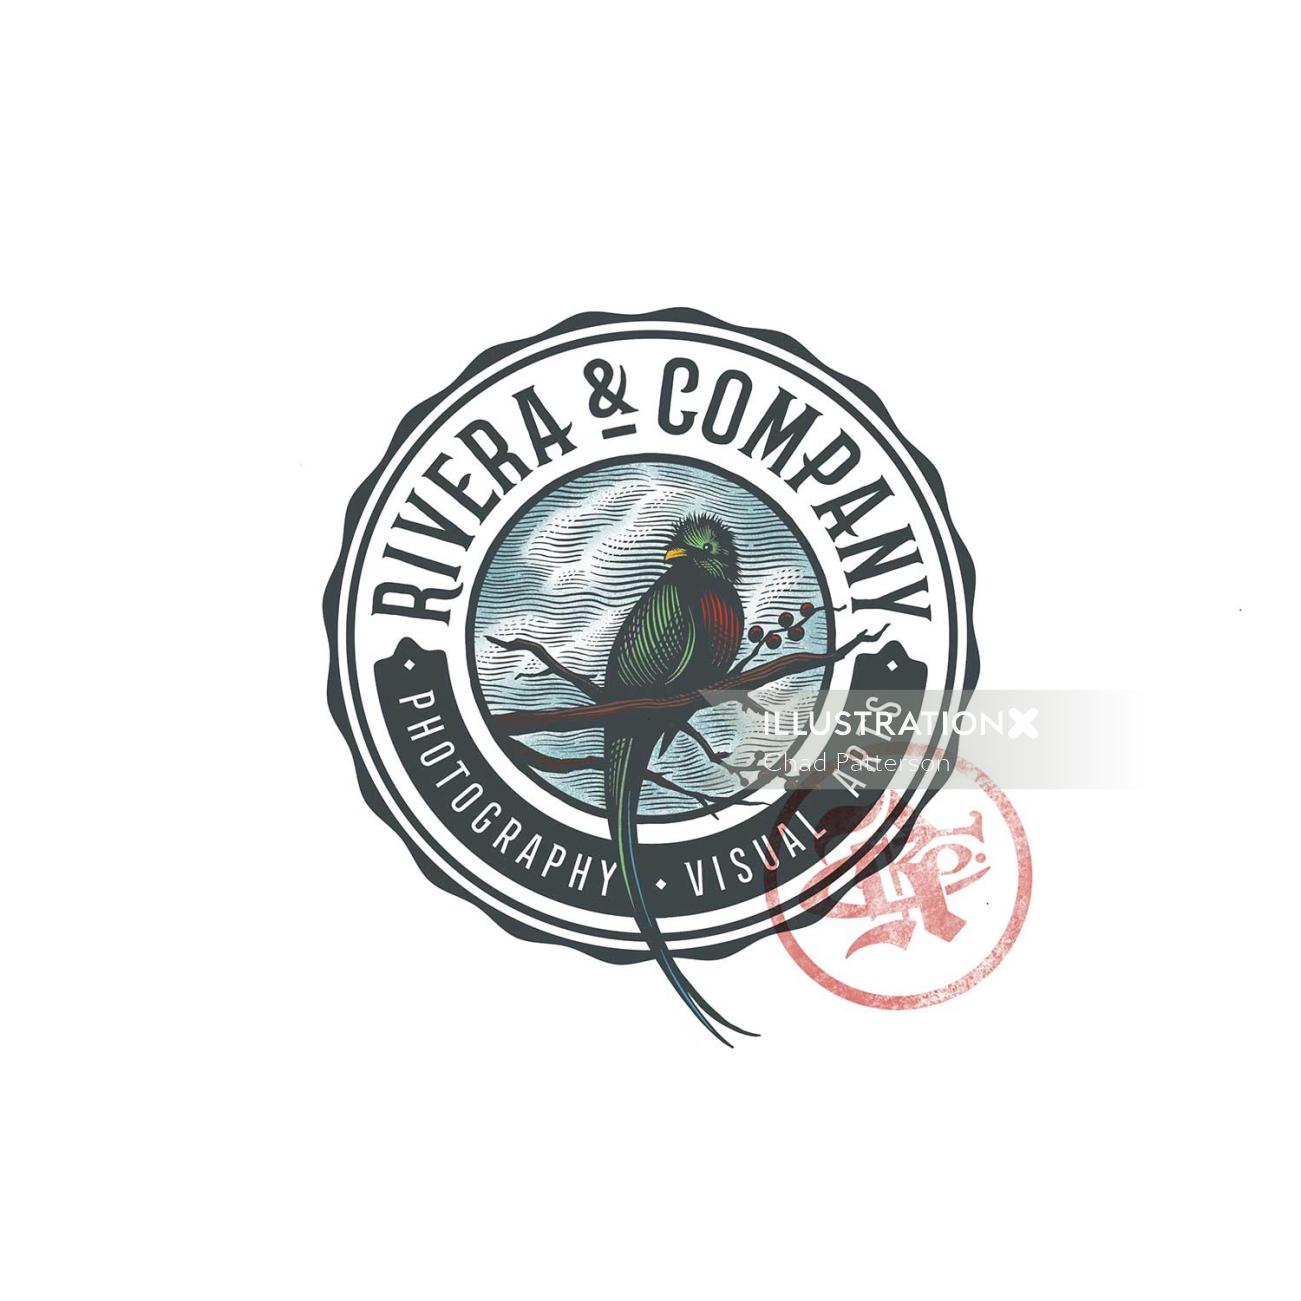 Logo design for a Rivera and company